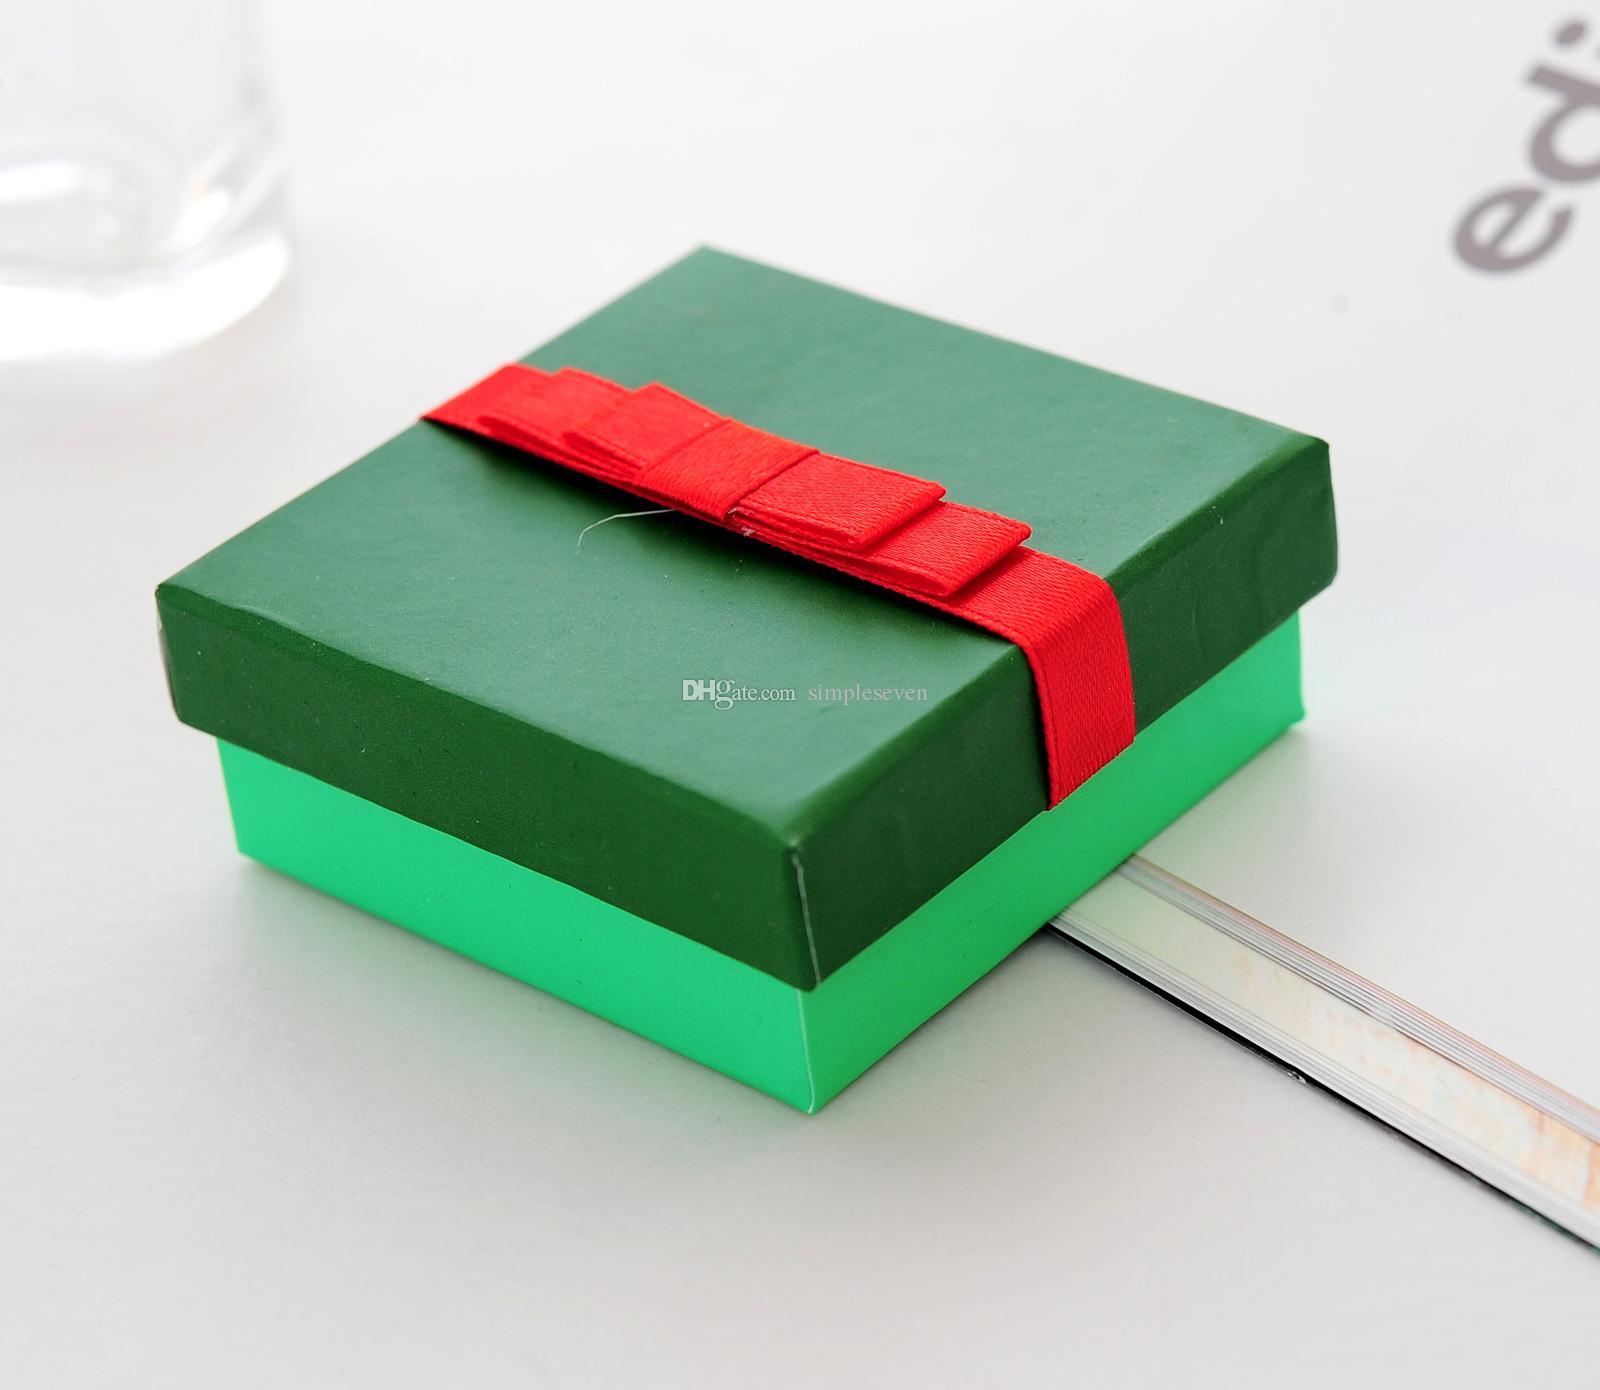 [간단한 세븐] 솔리드 녹색 팔찌 상자 / 크리스마스 귀걸이 케이스 레드 Bowknot와 / 화려한 펜던트 디스플레이 / 특별 선물 보석 상자 중동